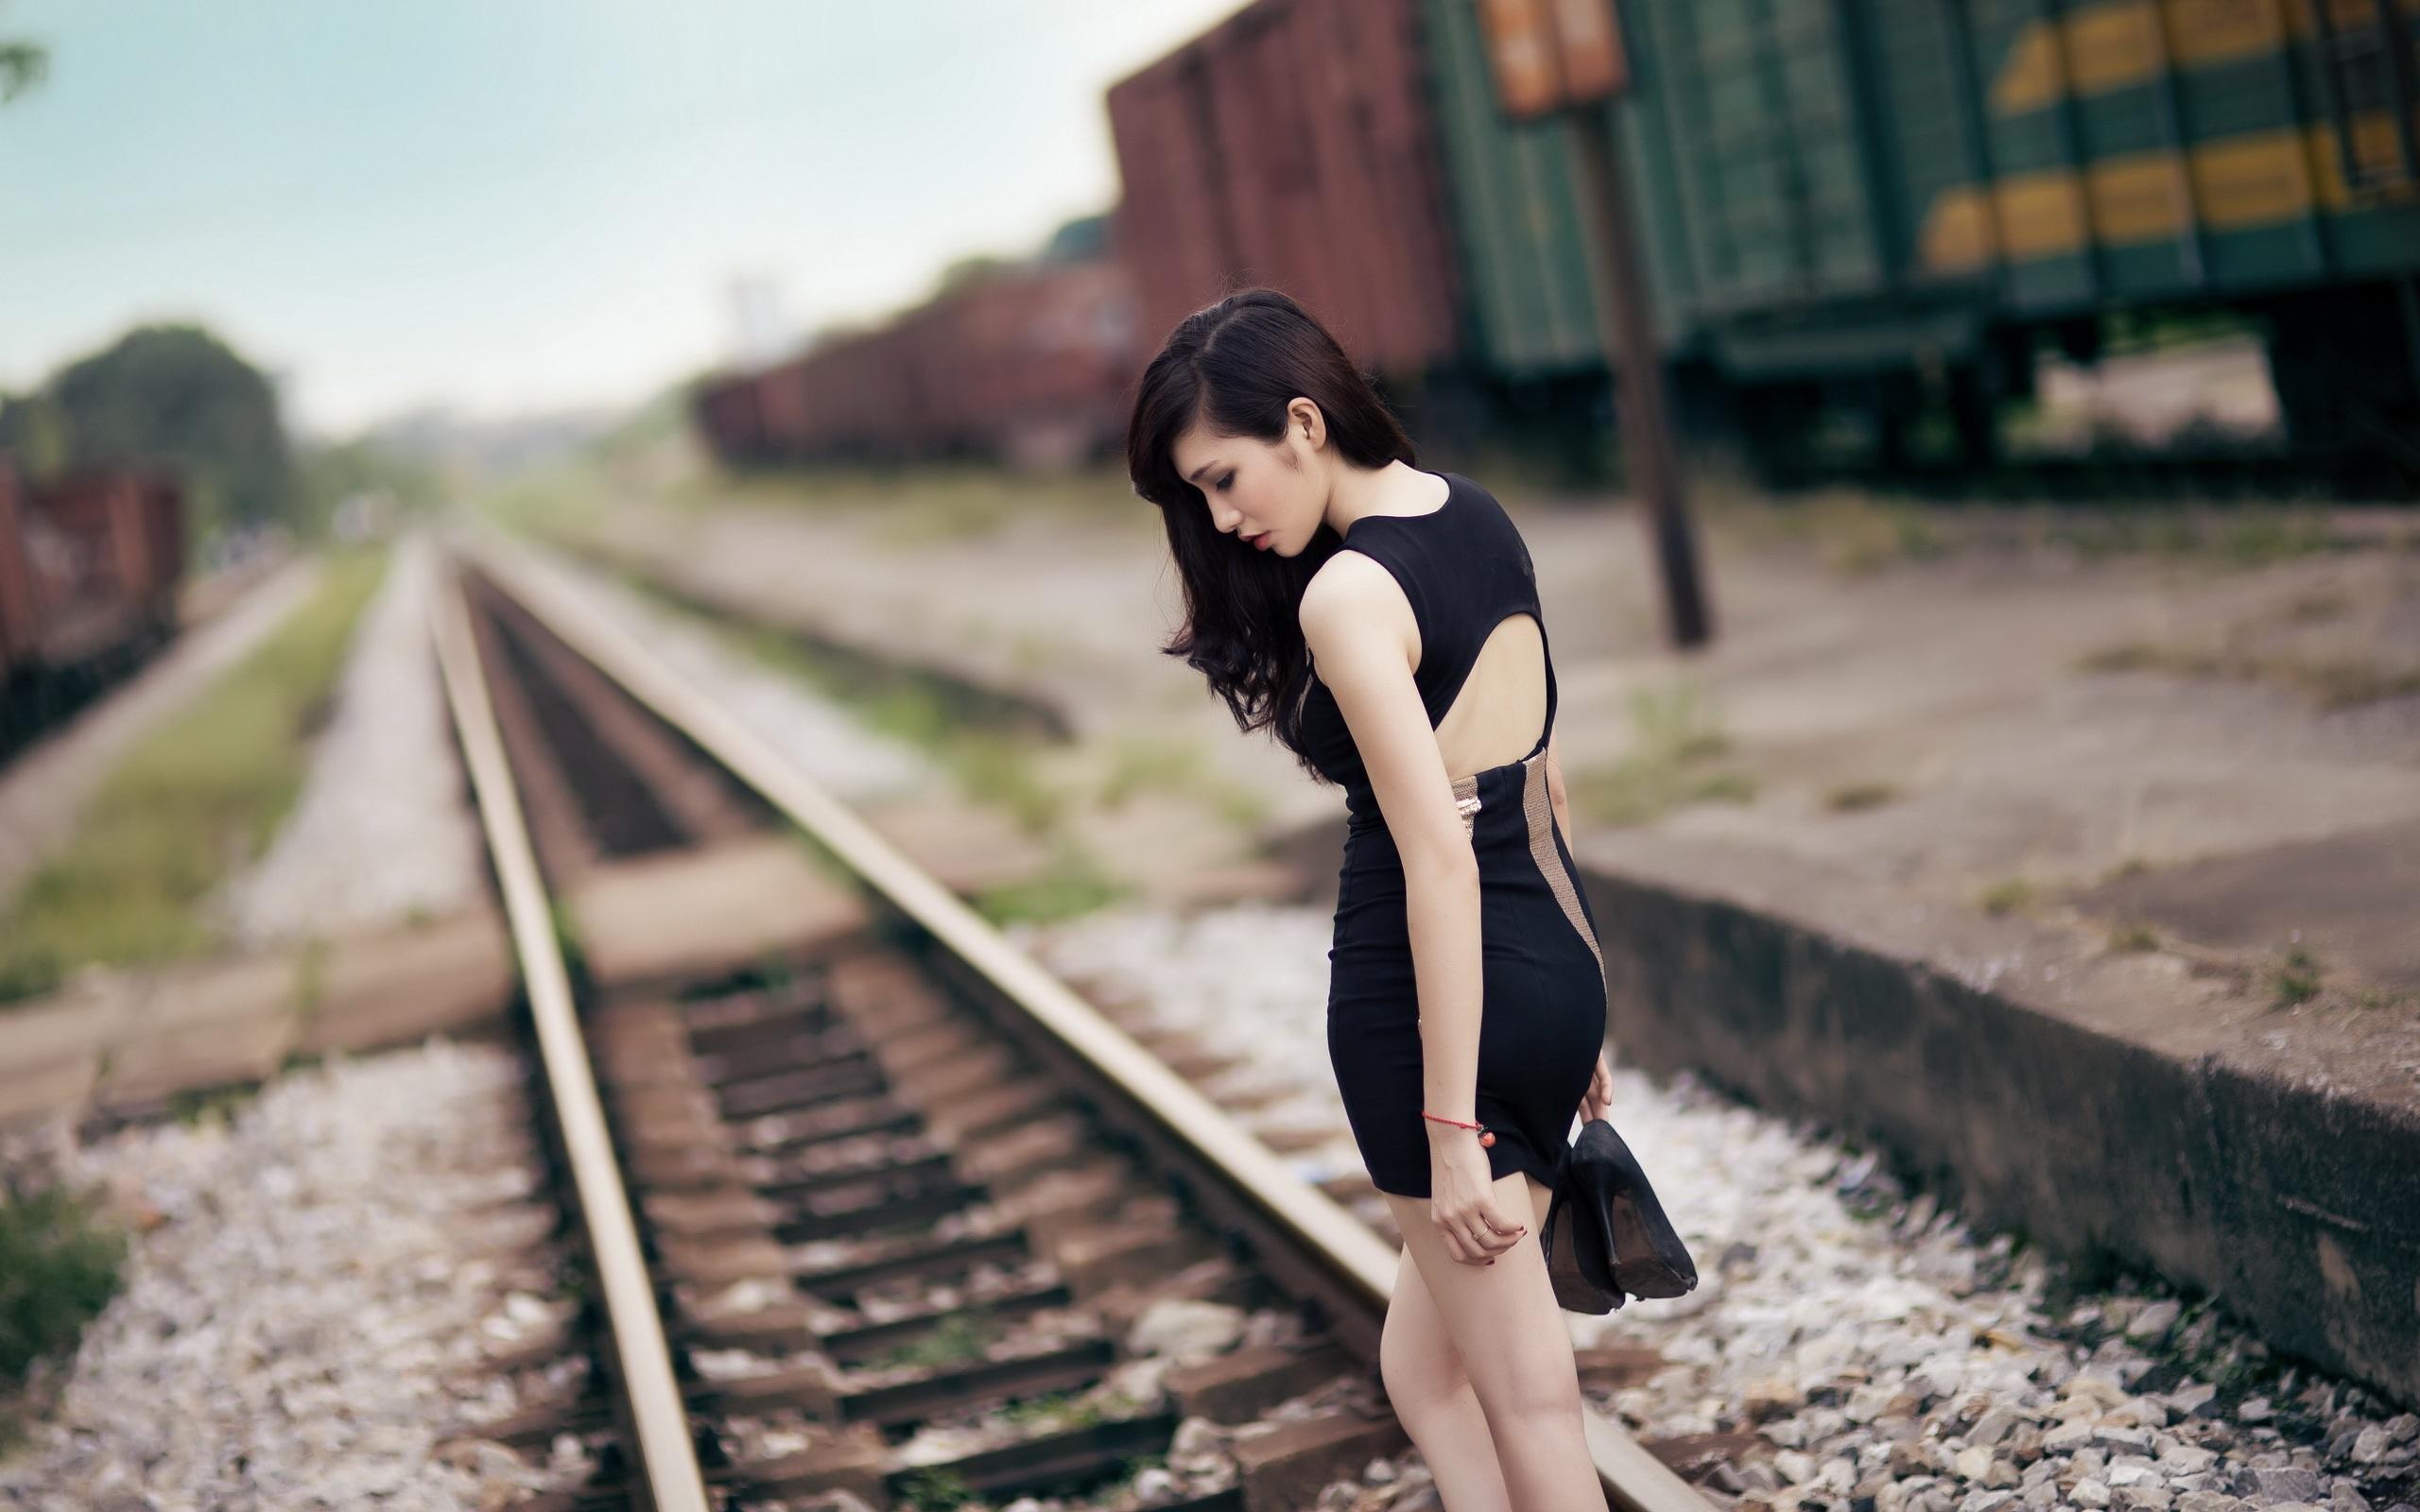 позируем на железнодорожном мосту считаю, что таким